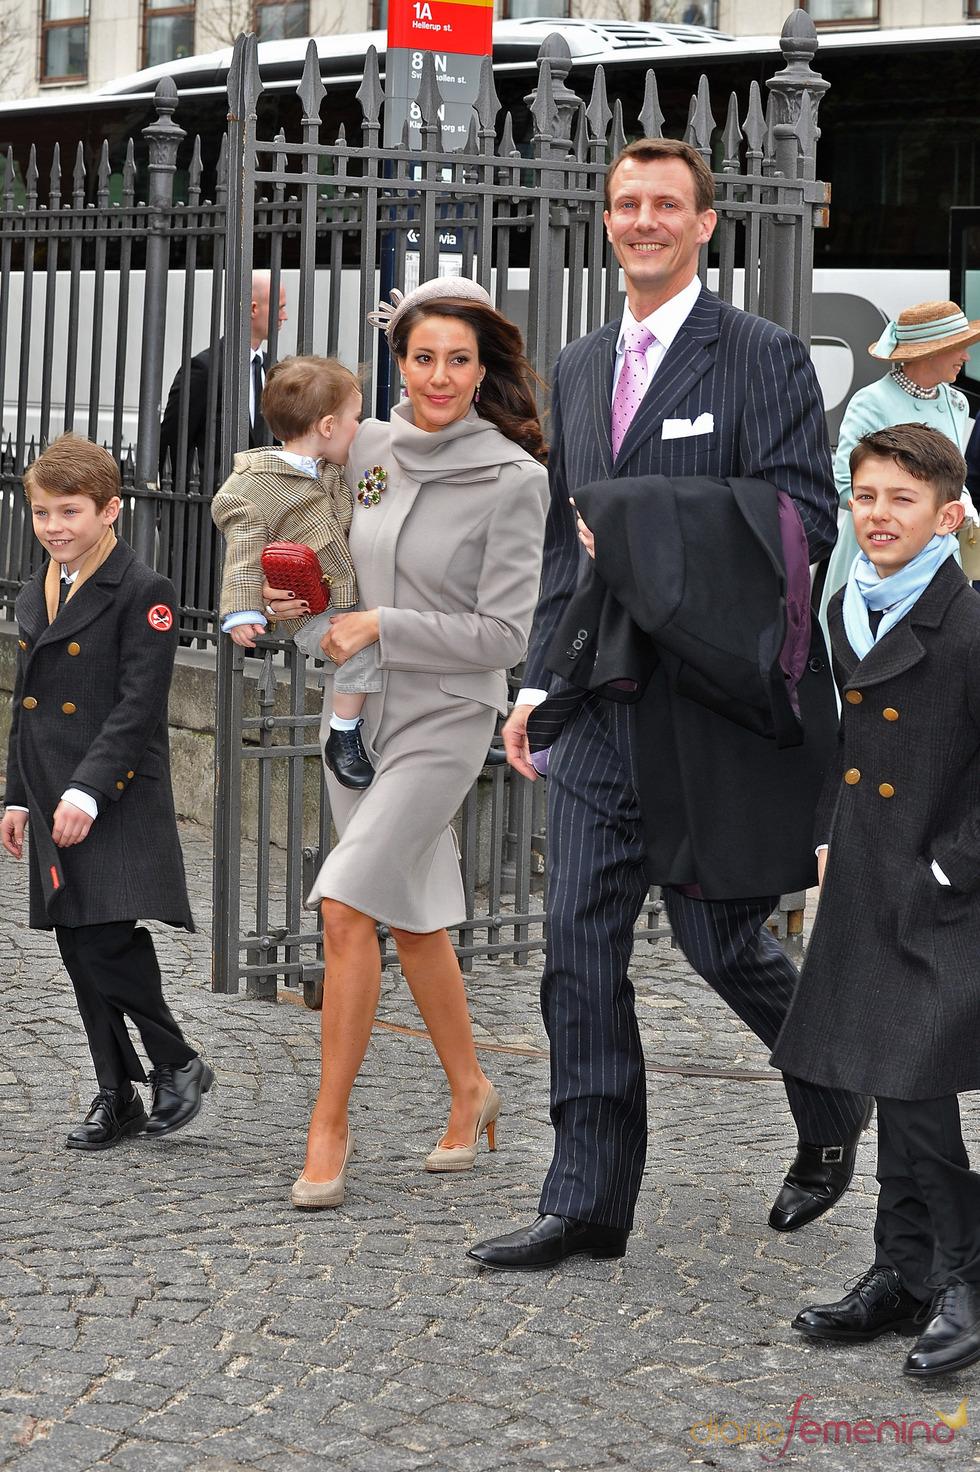 La Princesa Marie y el Príncipe Joaquín de Dinamarca en el bautizo de los mellizos